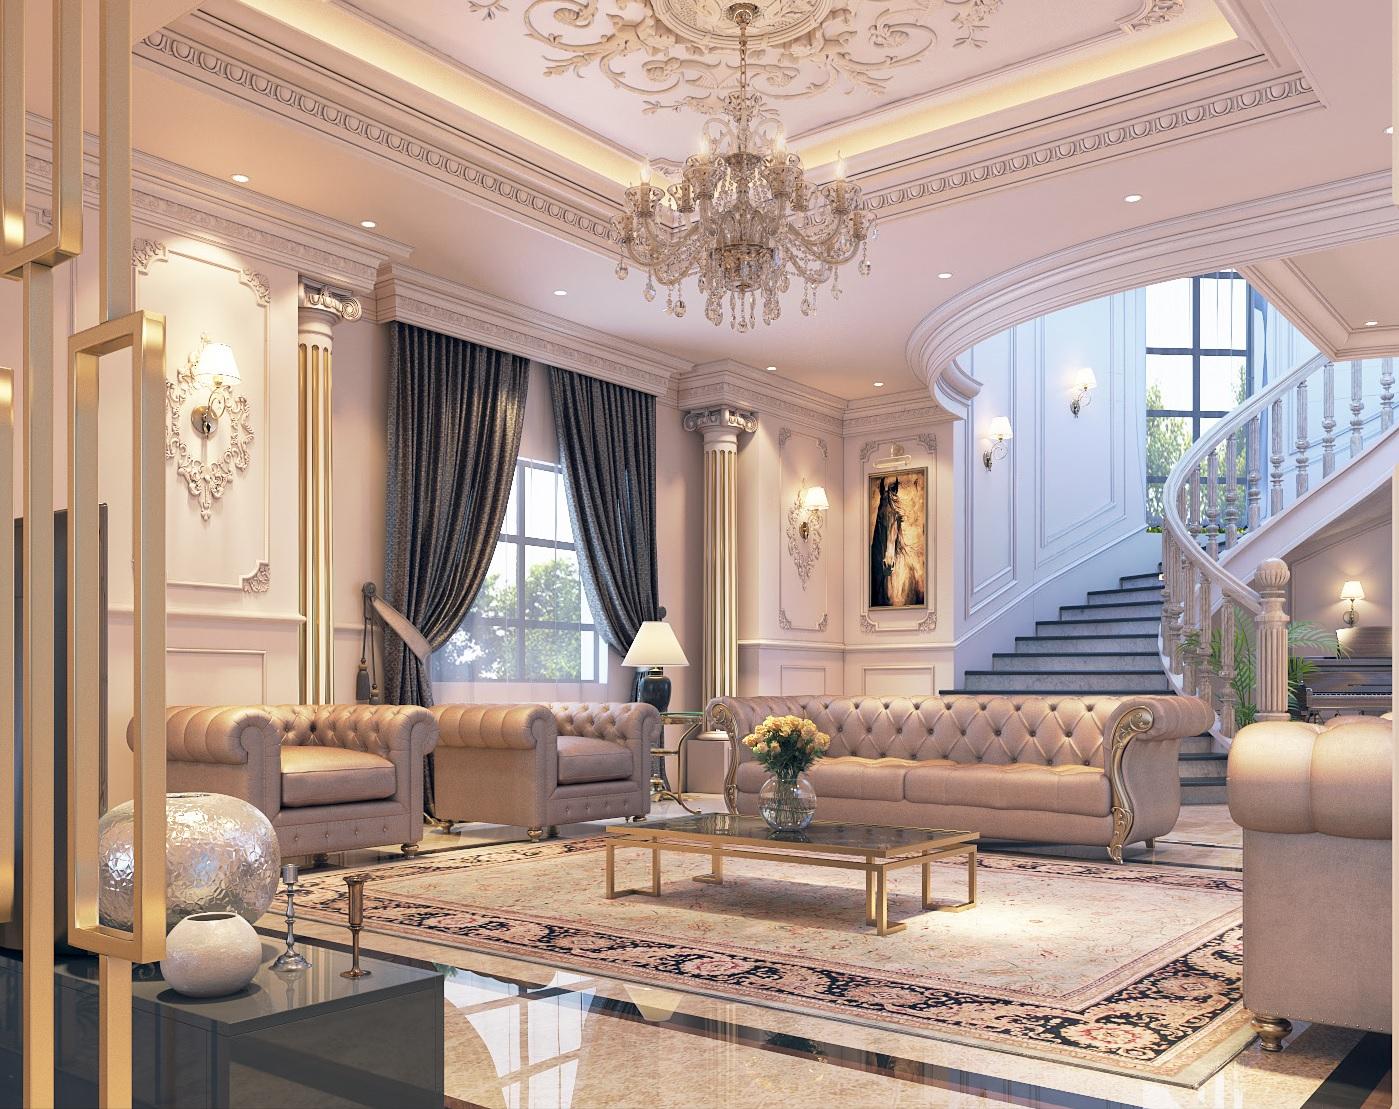 Mẫu nội thất biệt thự cổ điển hoàng gia-5